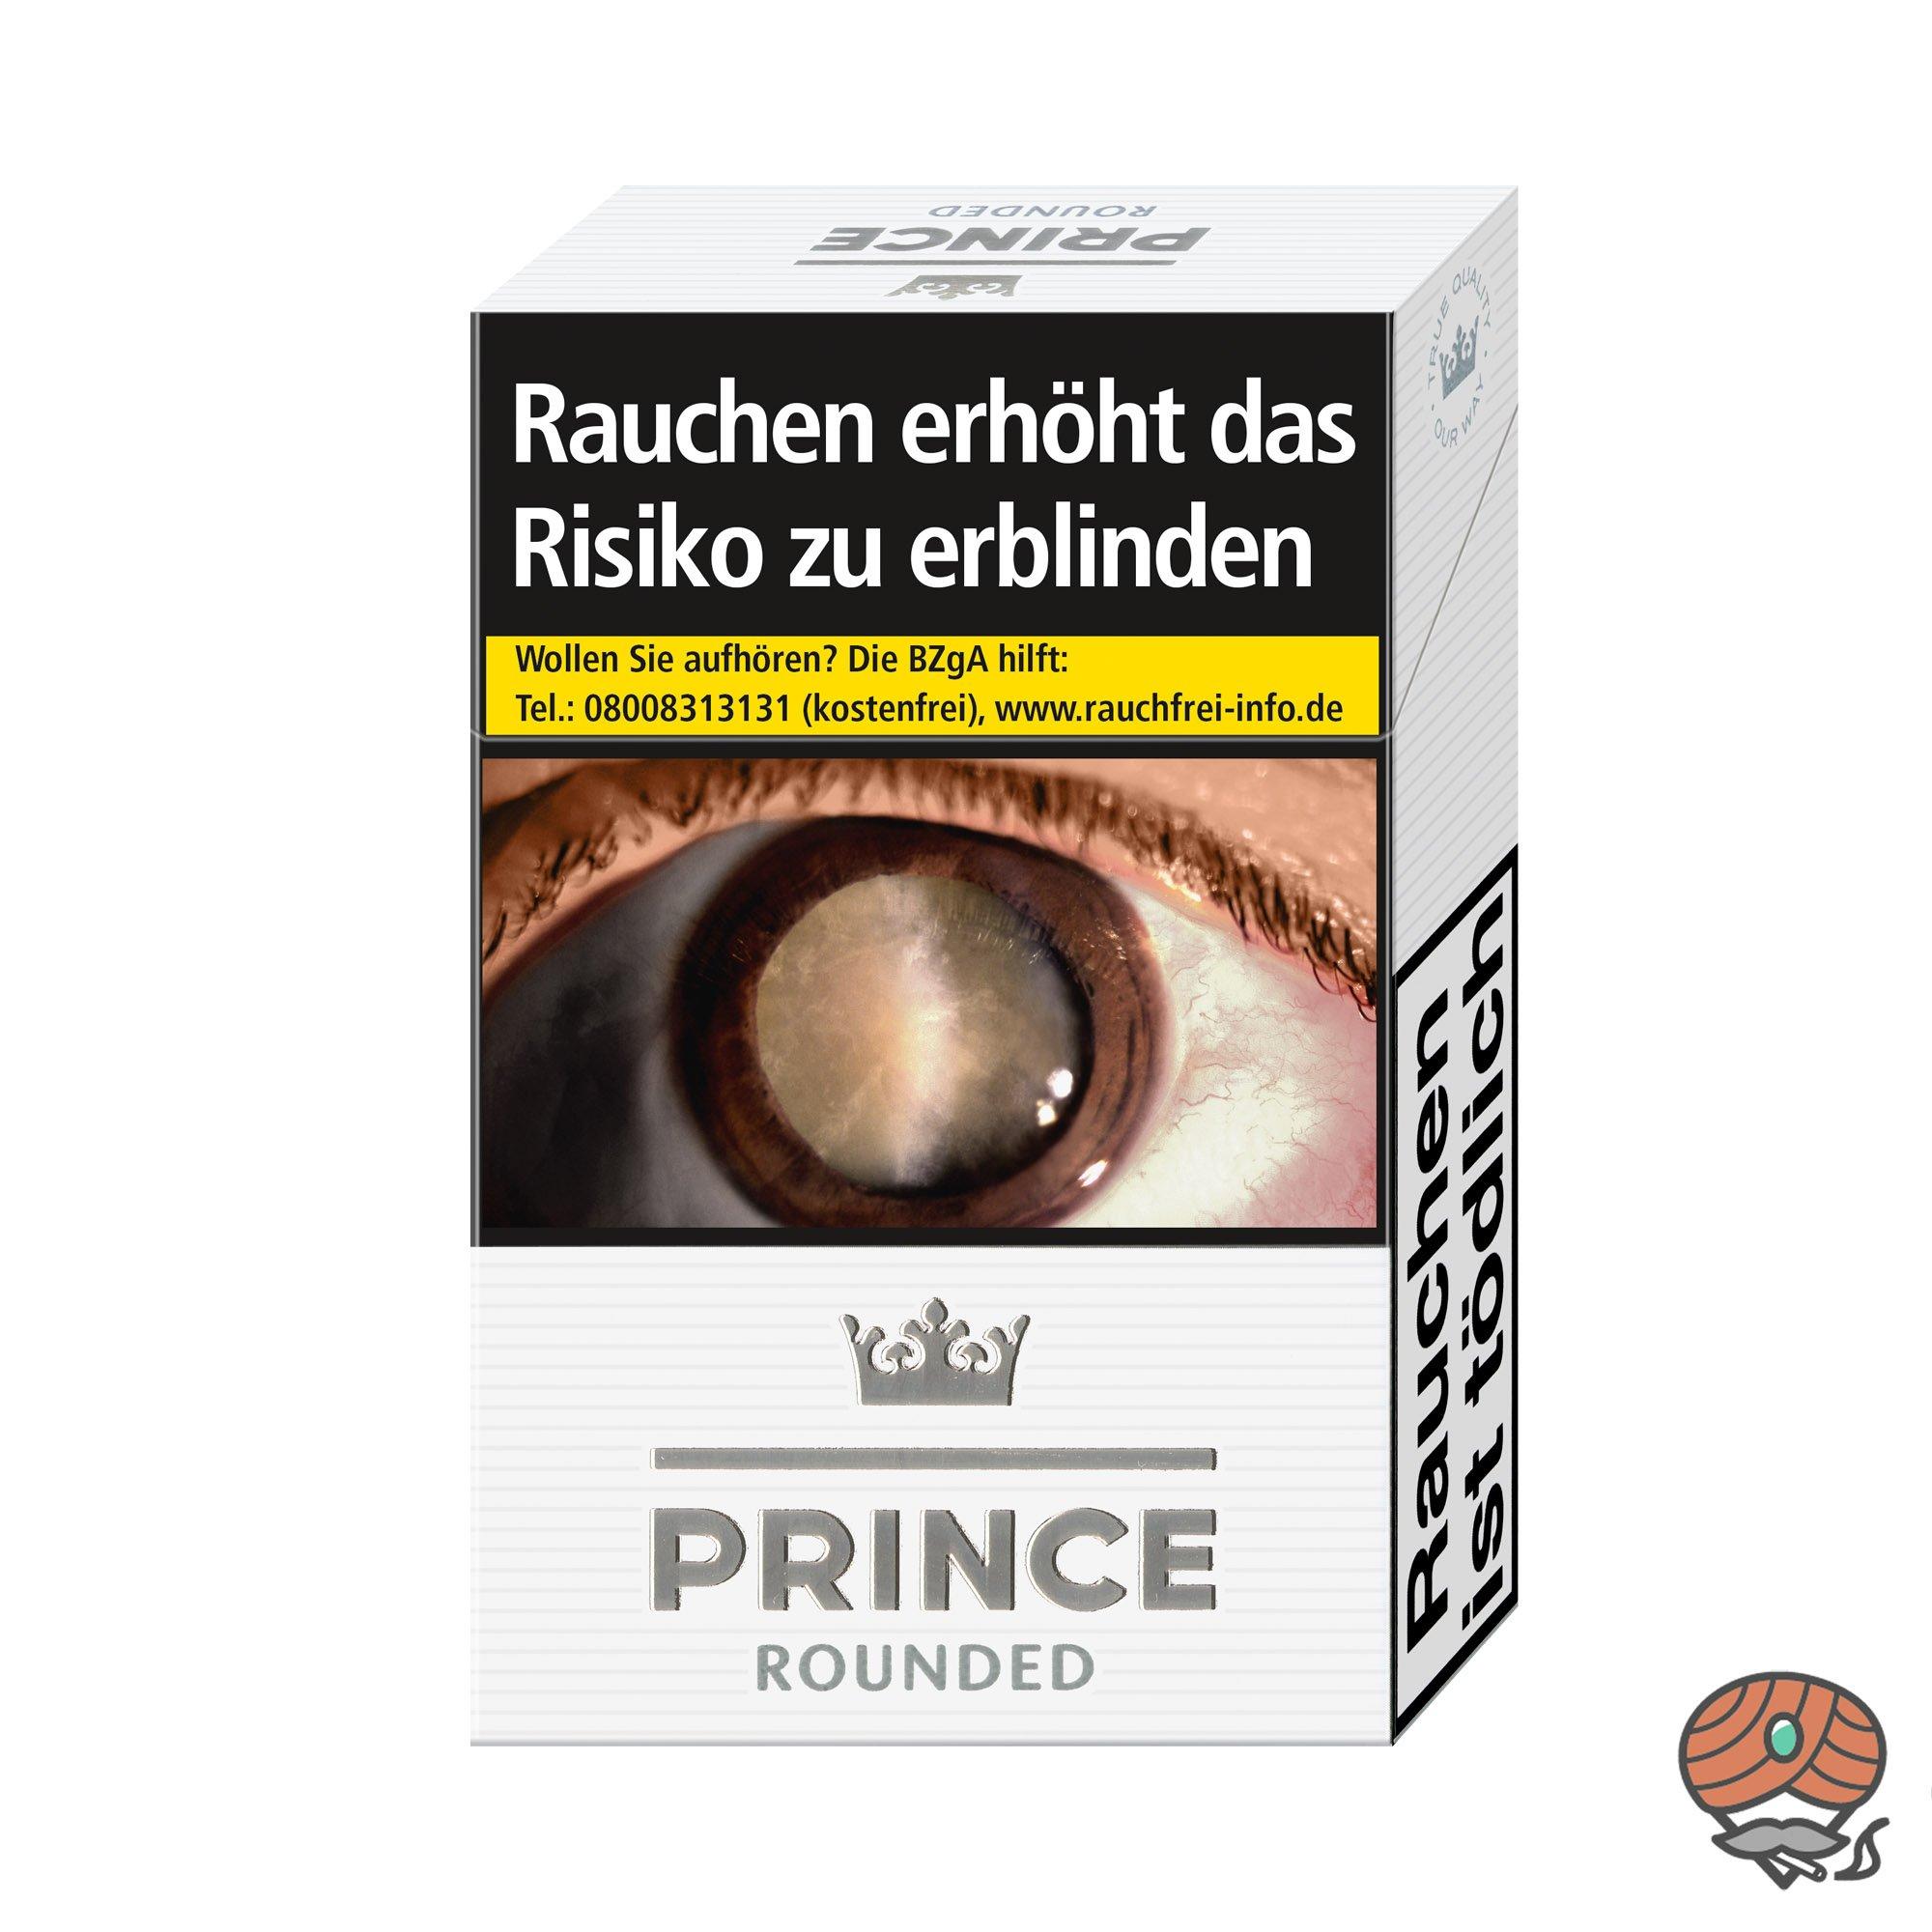 Prince Rounded / White Zigaretten Inhalt 20 Stück